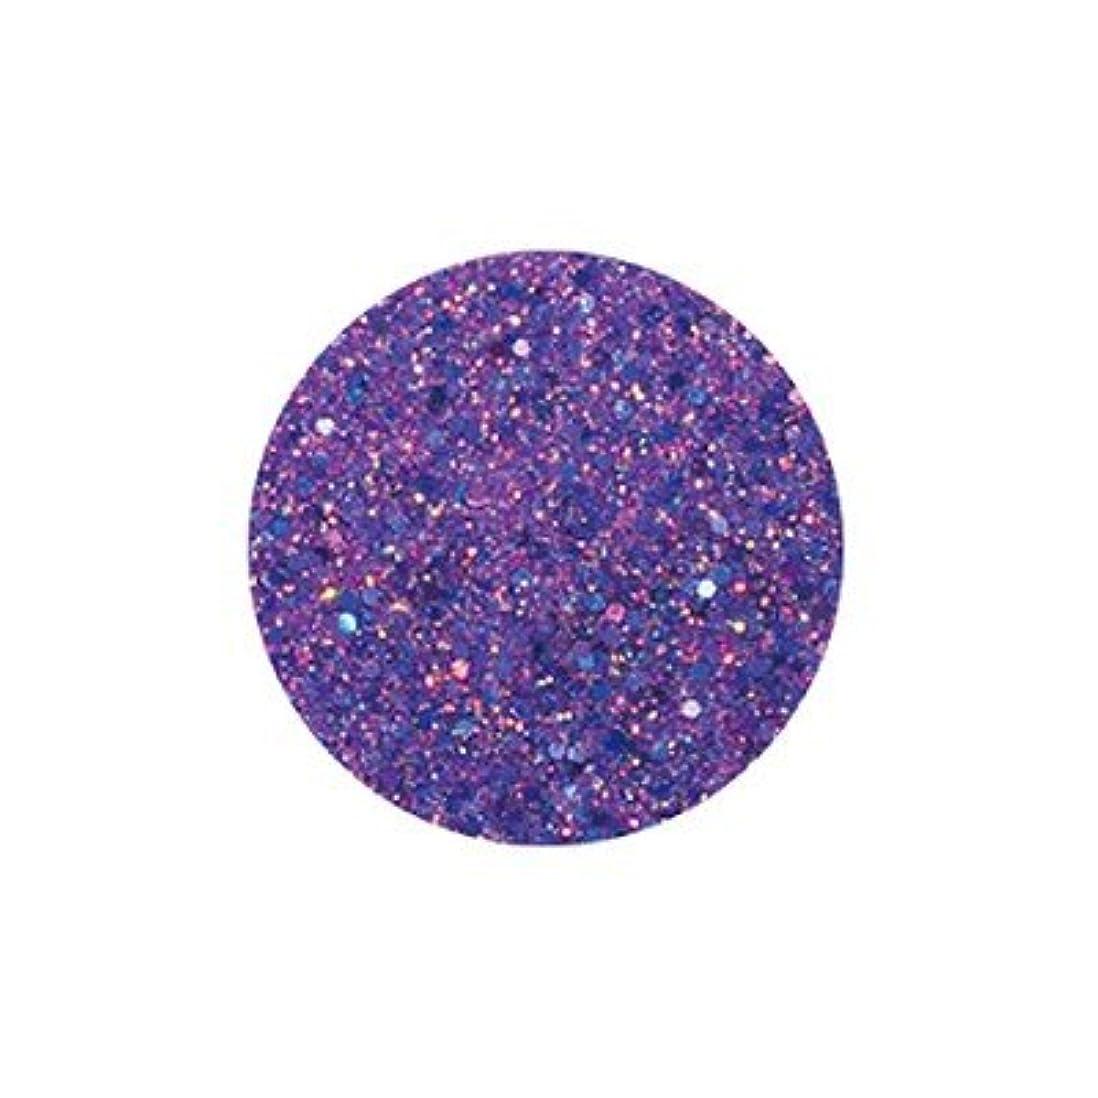 振幅バズチャールズキージングFANTASY NAIL ダイヤモンドコレクション 3g 4261XS カラーパウダー アート材